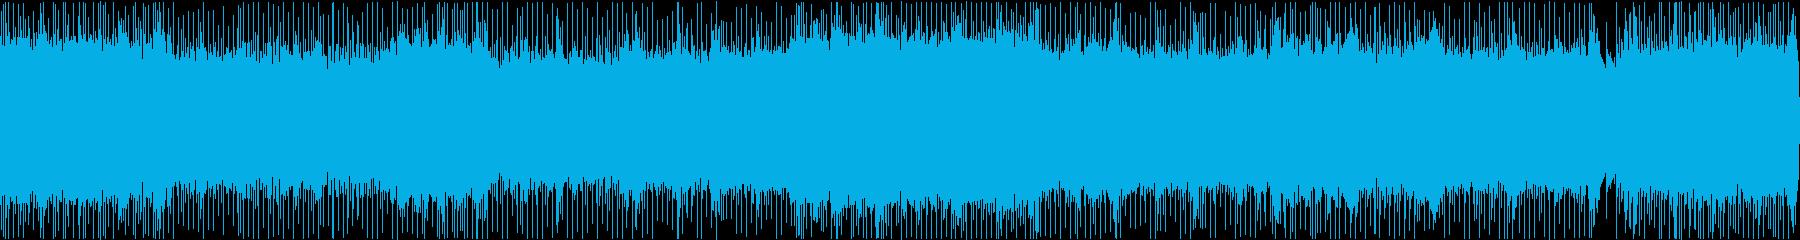 歌謡曲風ミドルテンポロックの再生済みの波形